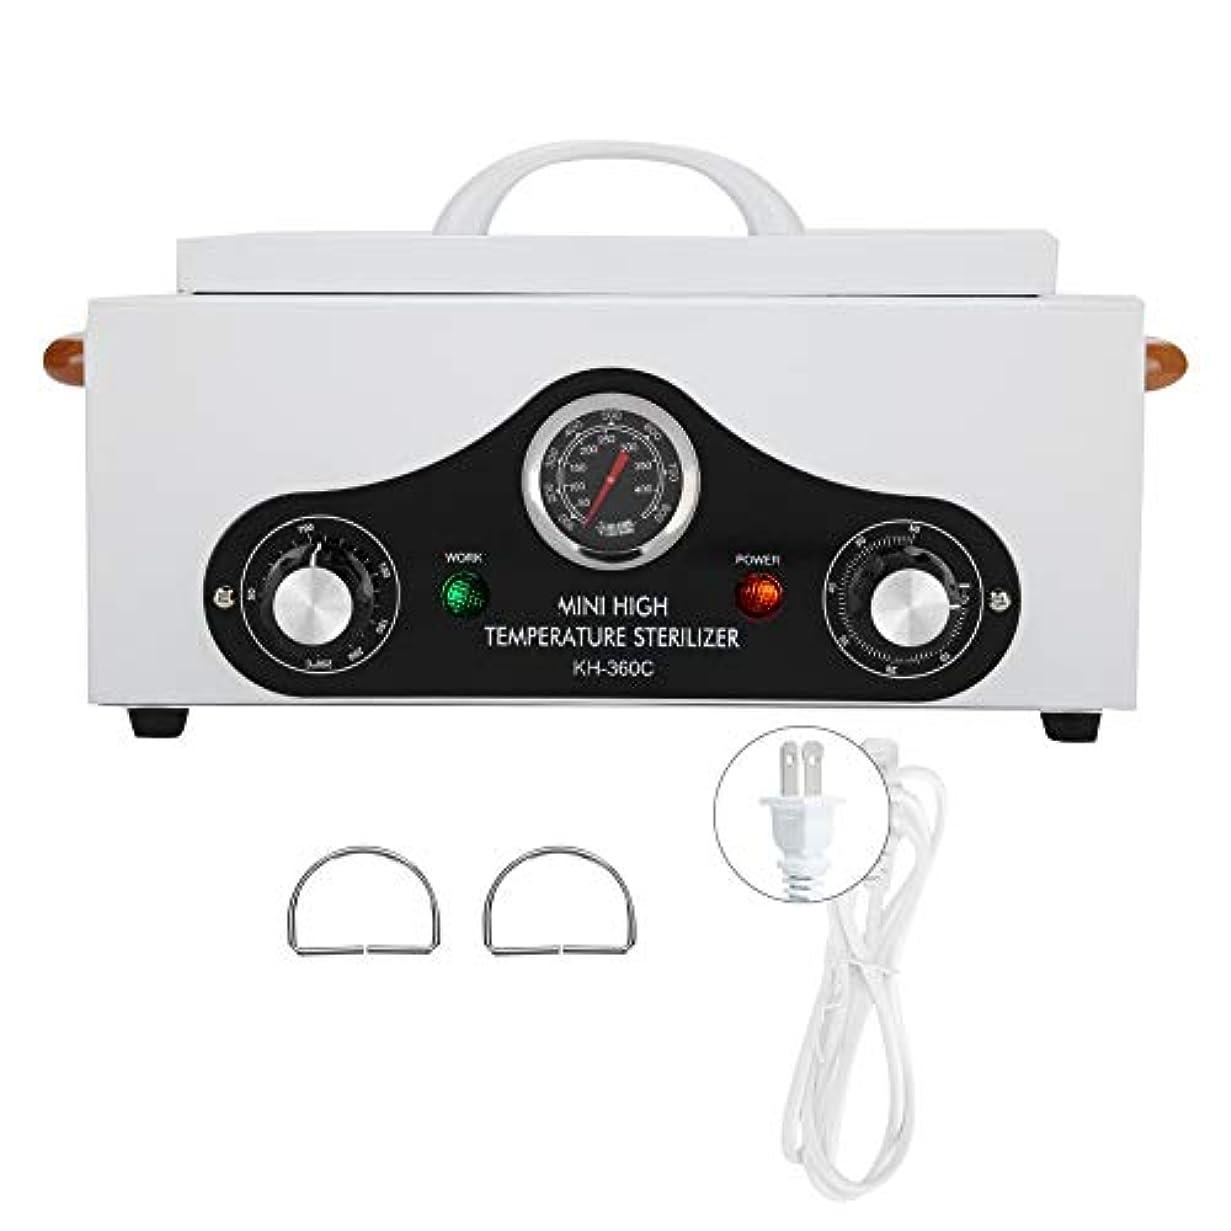 他のバンドでバブル麺高温滅菌器、消毒キャビネットビューティーサロンスパインストゥルメントクリーニングツール(USプラグ110V)